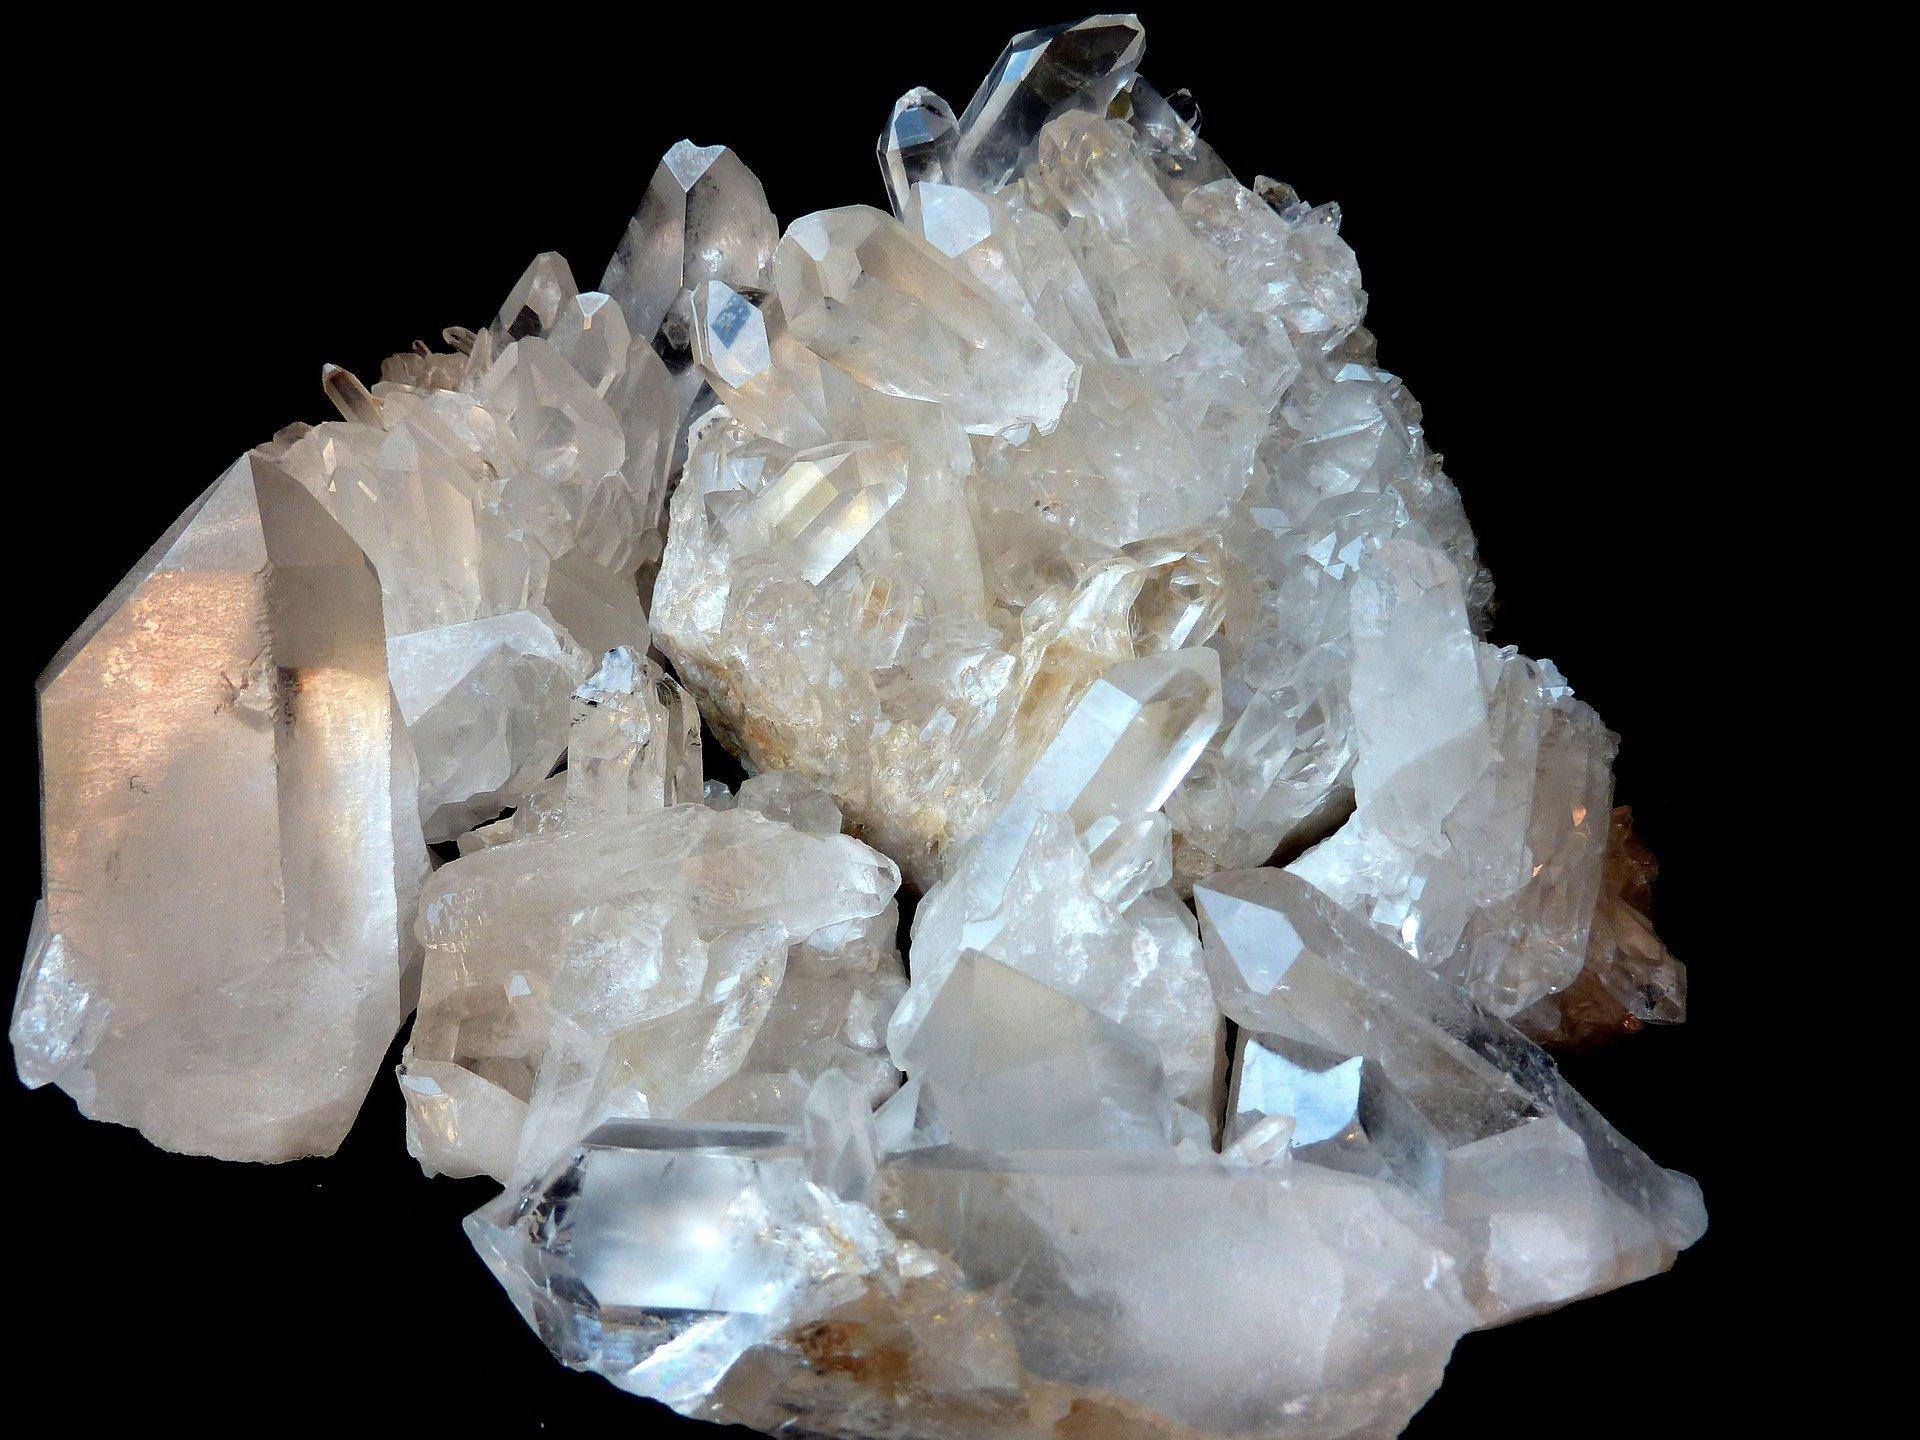 geoda geode apofillite quarzo cristallo di rocca ialino cristalloterapia corso on line D.A.S.P. scuola operatori olistici